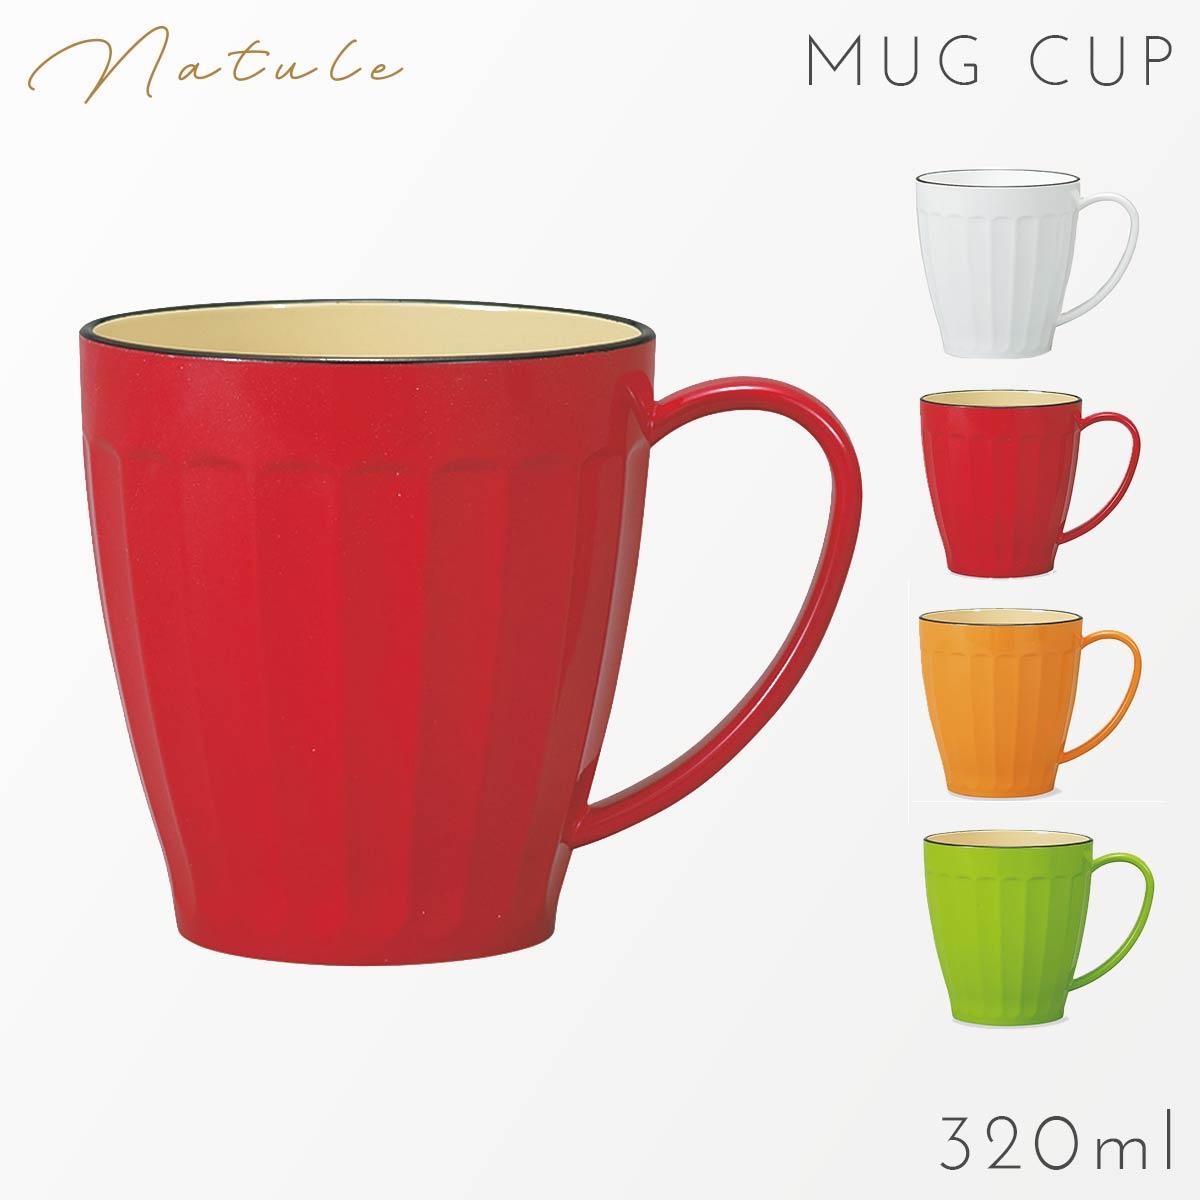 マグカップ 食器 鉢 カラフル 日本製 プラスチック 割れない 食洗機対応 食洗器対応 電子レンジ対応 グルーブマグカップ ナチュール アウトドア キャンプ ピクニック